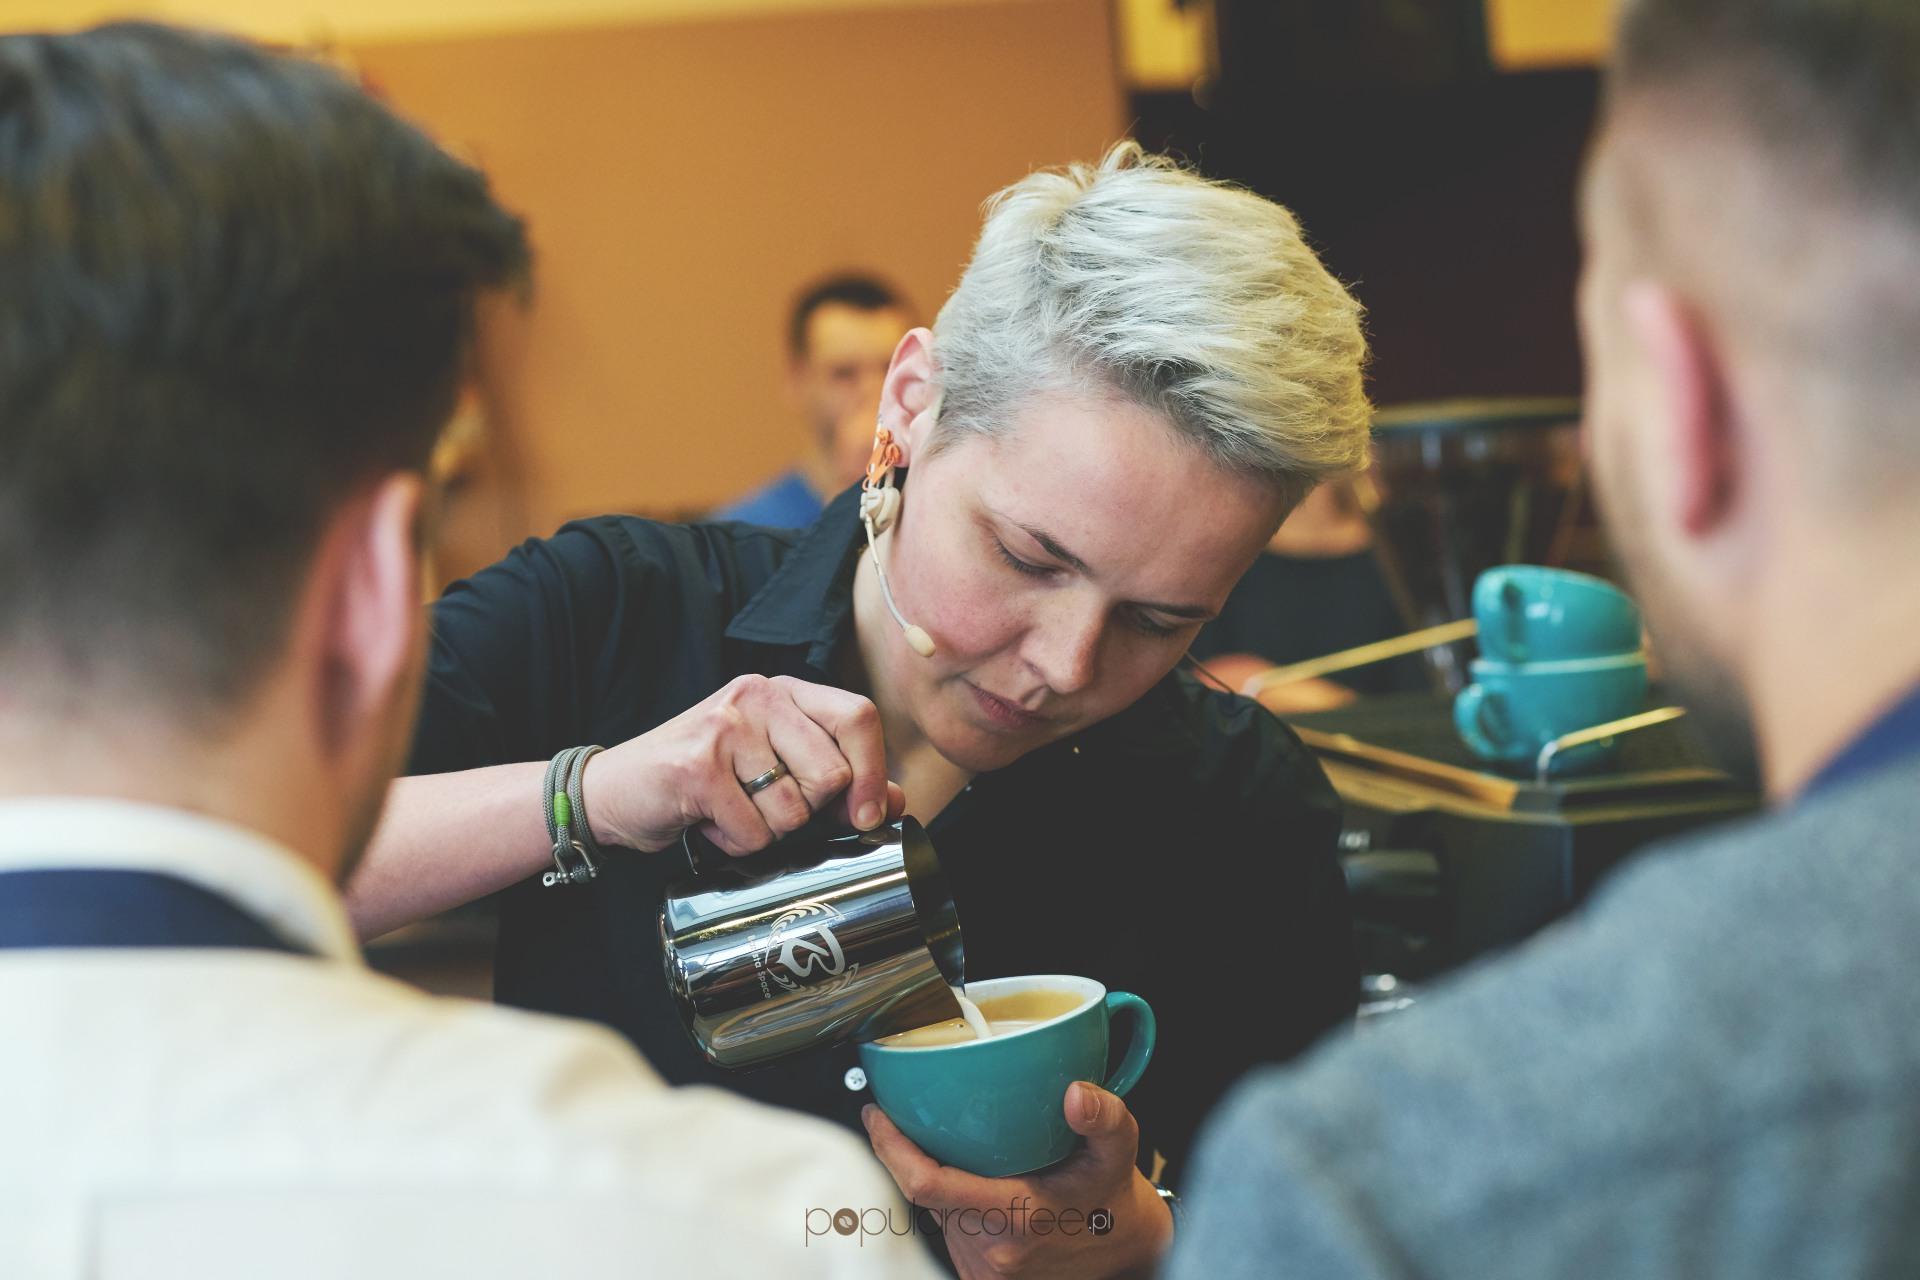 mistrzostwa polski latte art rojewska